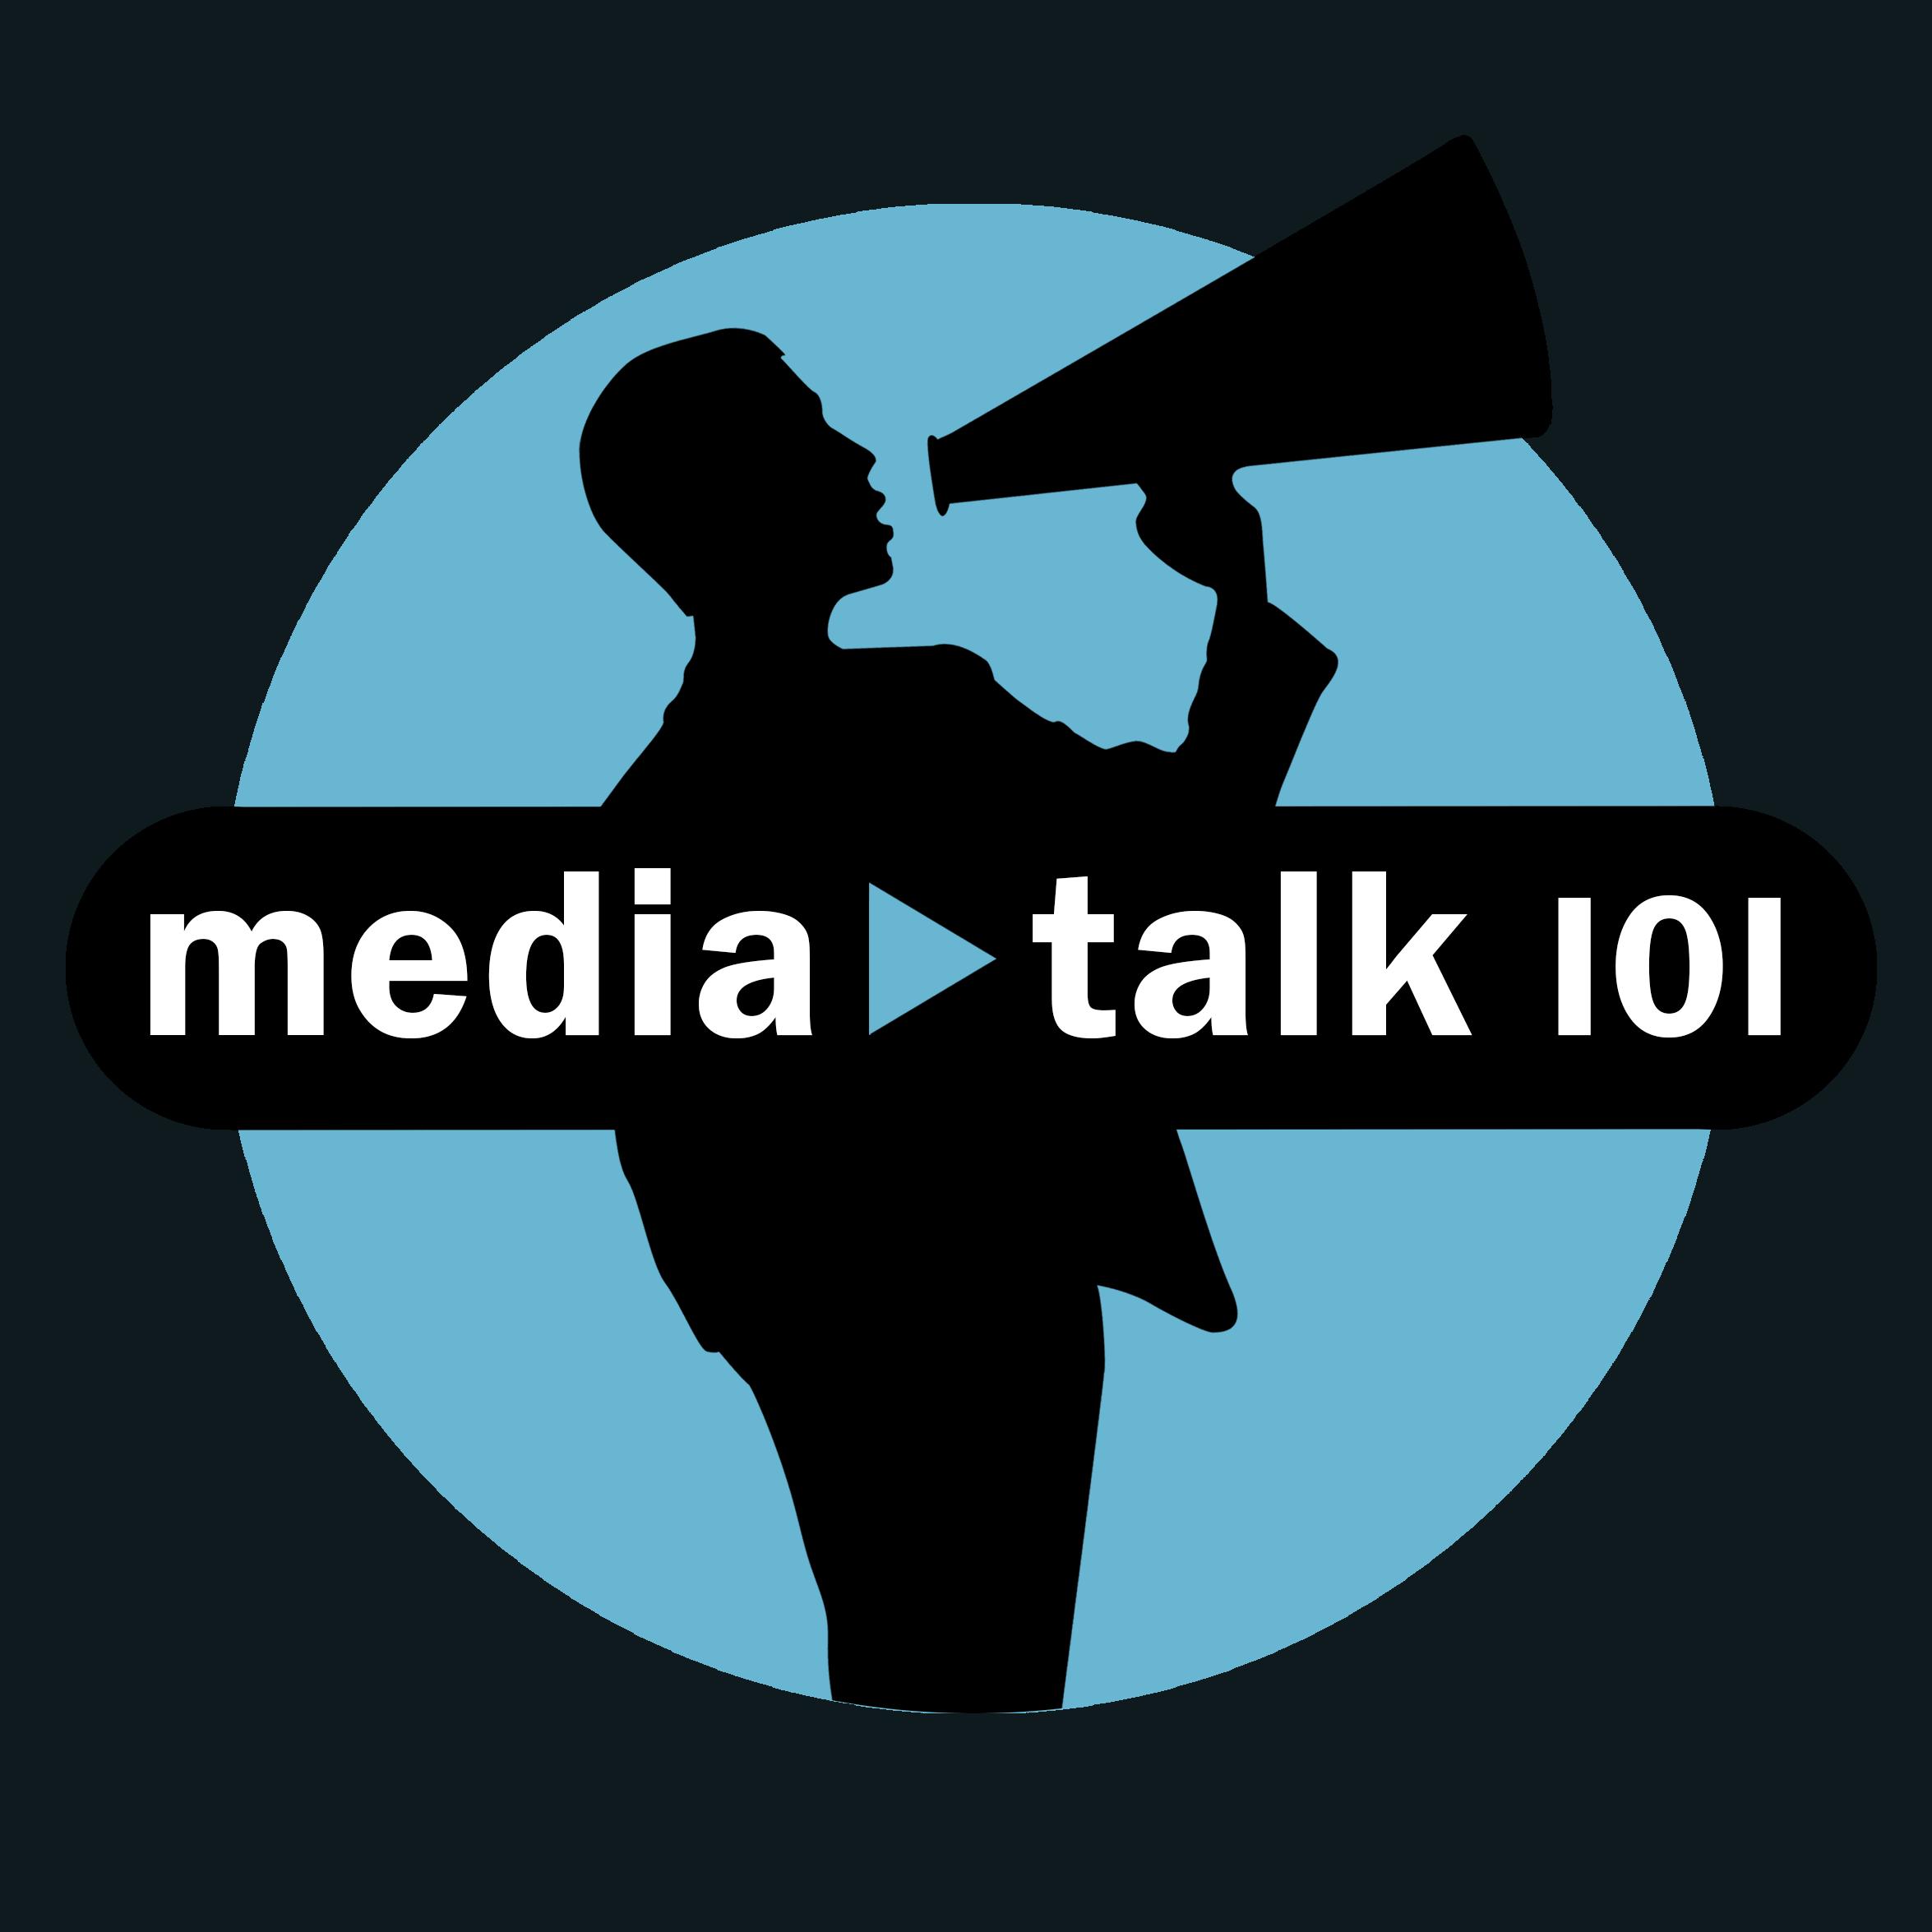 Media Talk 101